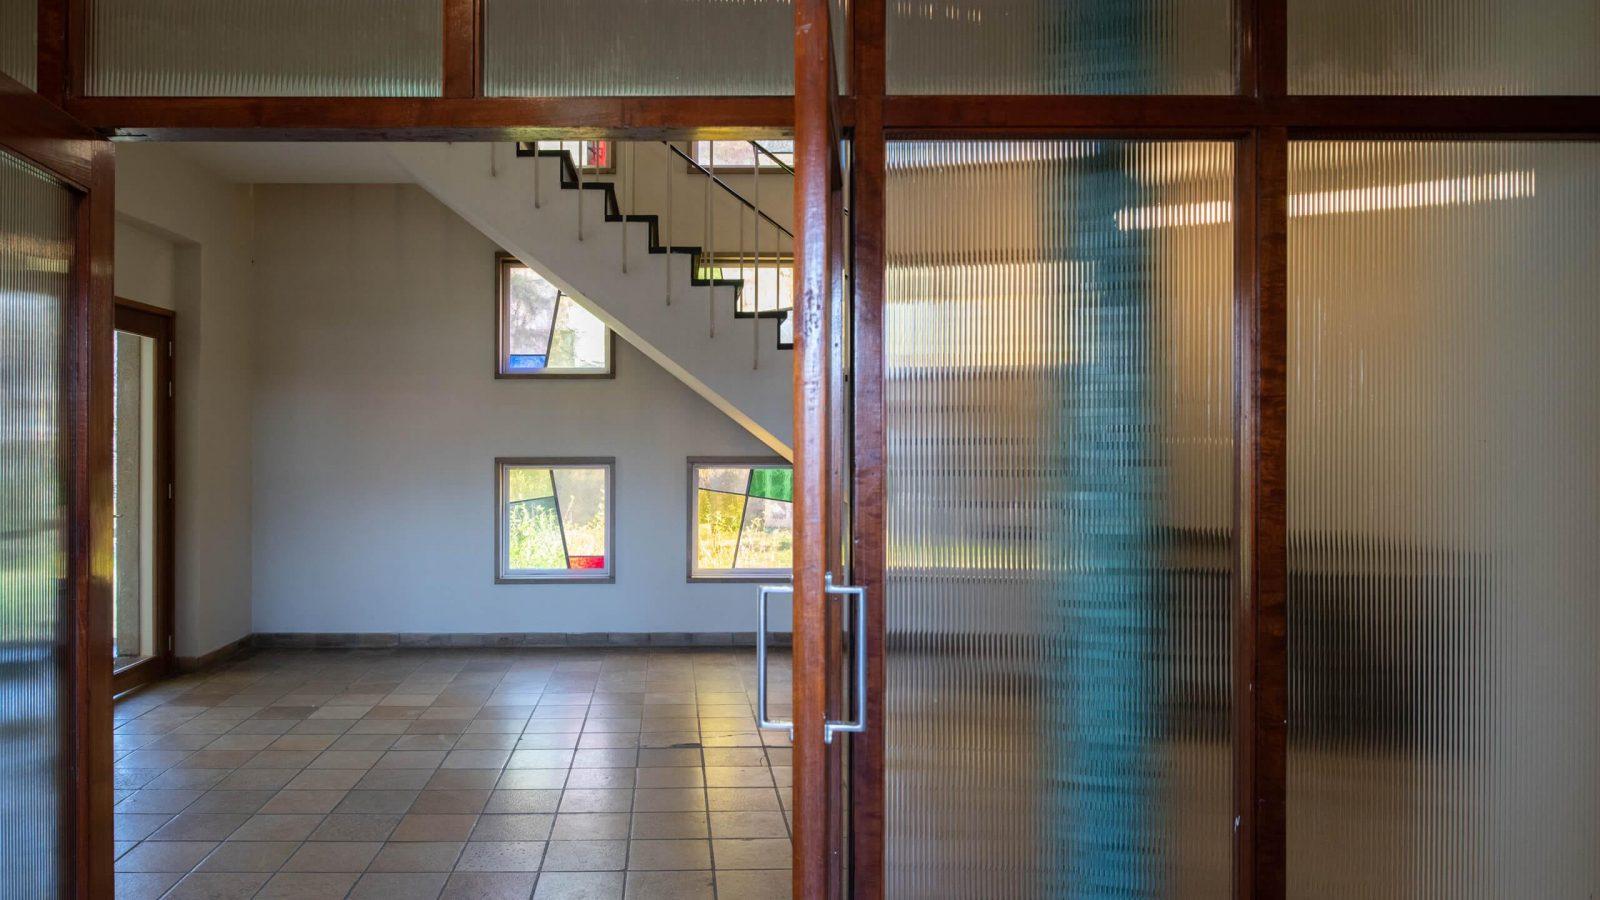 2021 Marlies Lageweg SPWR klooster10 Regina Pacis